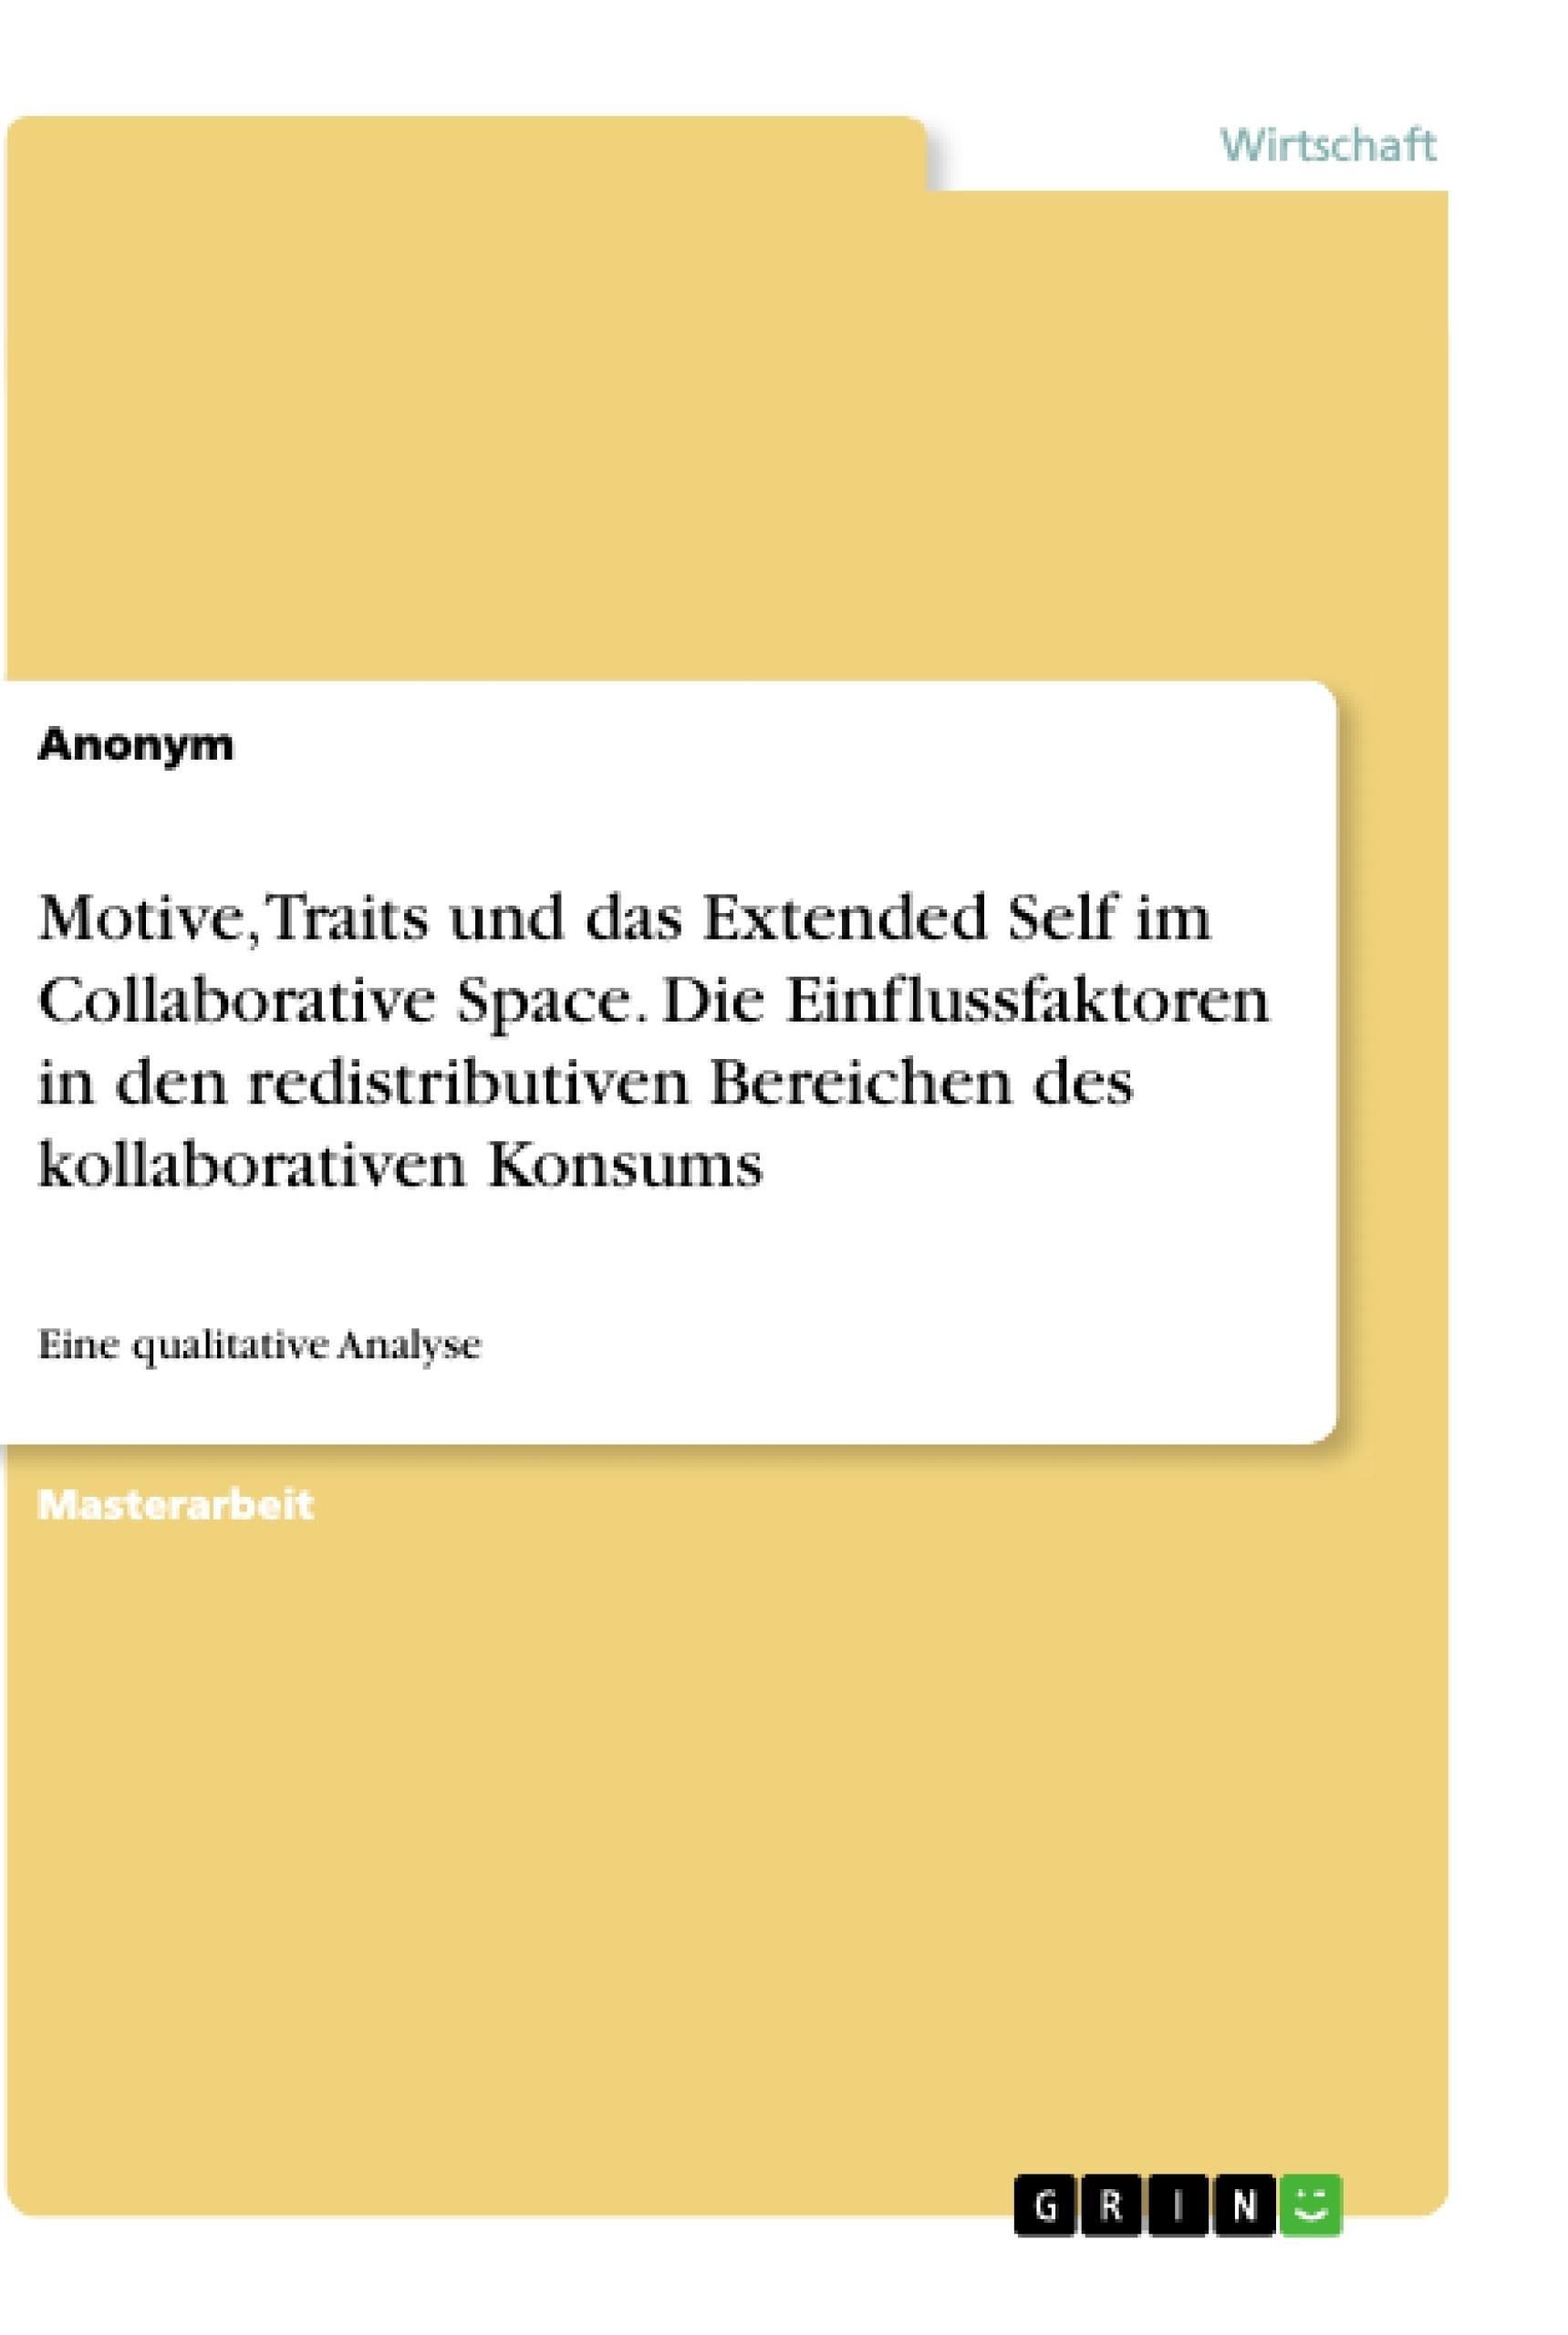 Titel: Motive, Traits und das Extended Self im Collaborative Space. Die Einflussfaktoren in den redistributiven Bereichen des kollaborativen Konsums